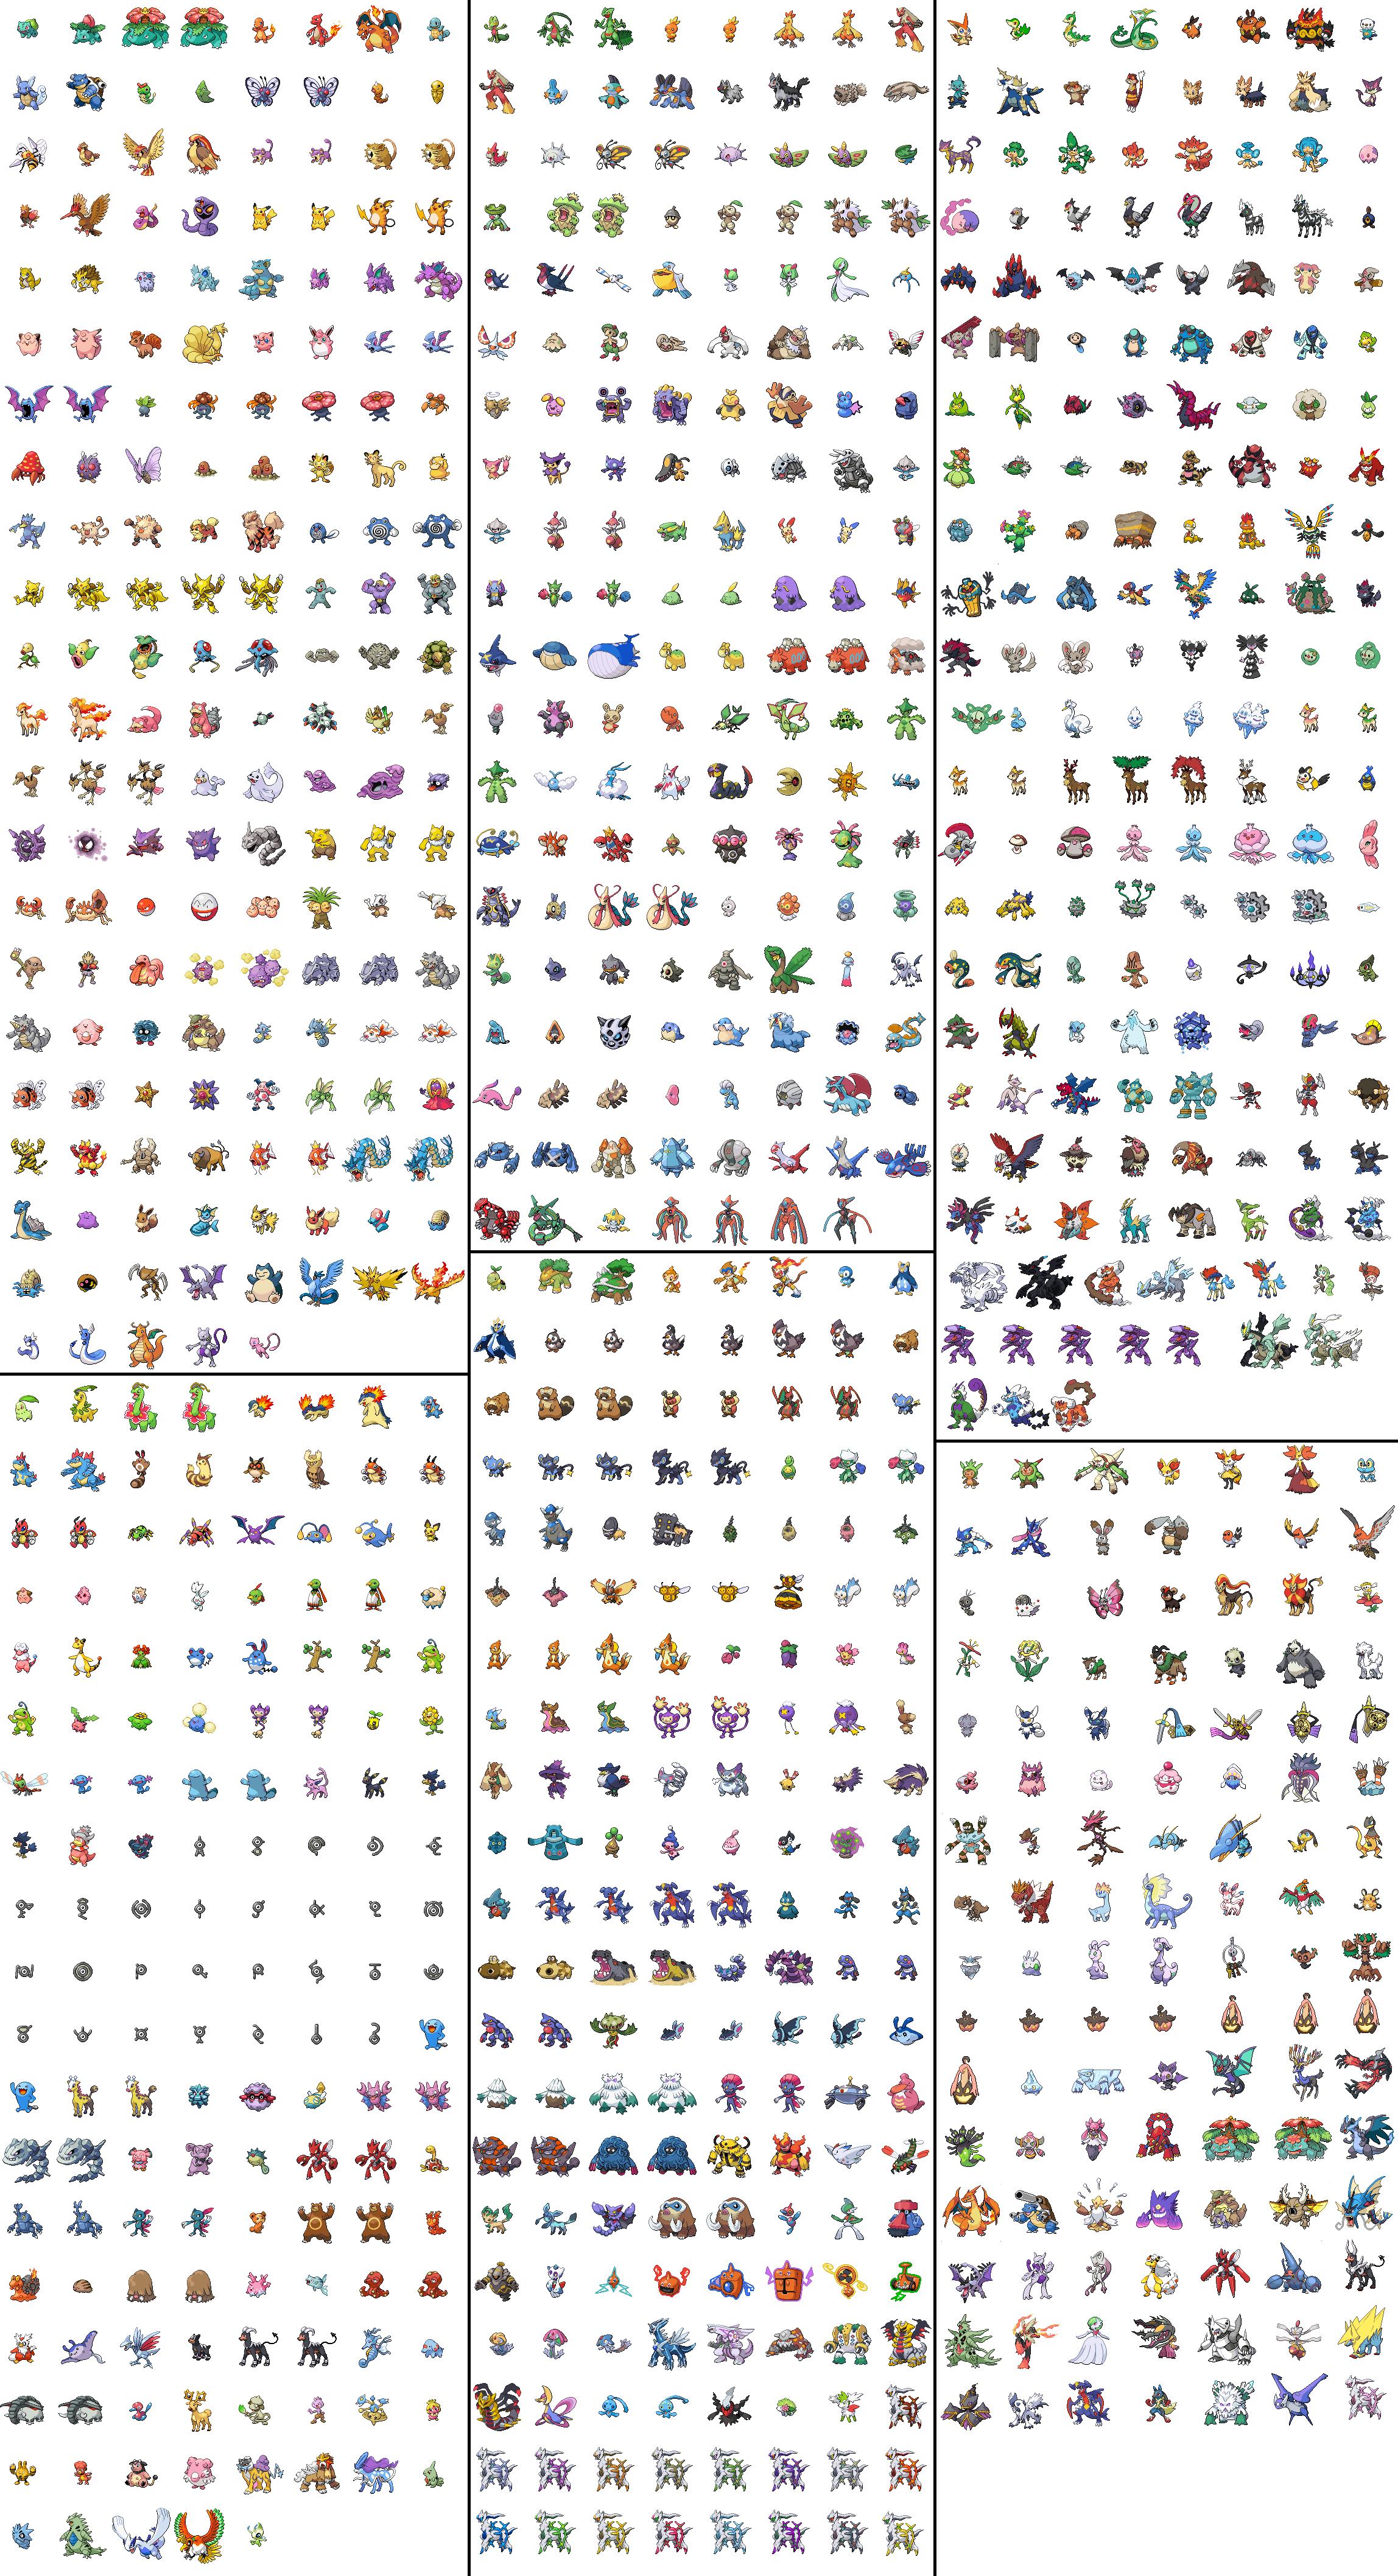 Updated B/W Sprite Sheet by Shimmey1001 on DeviantArt